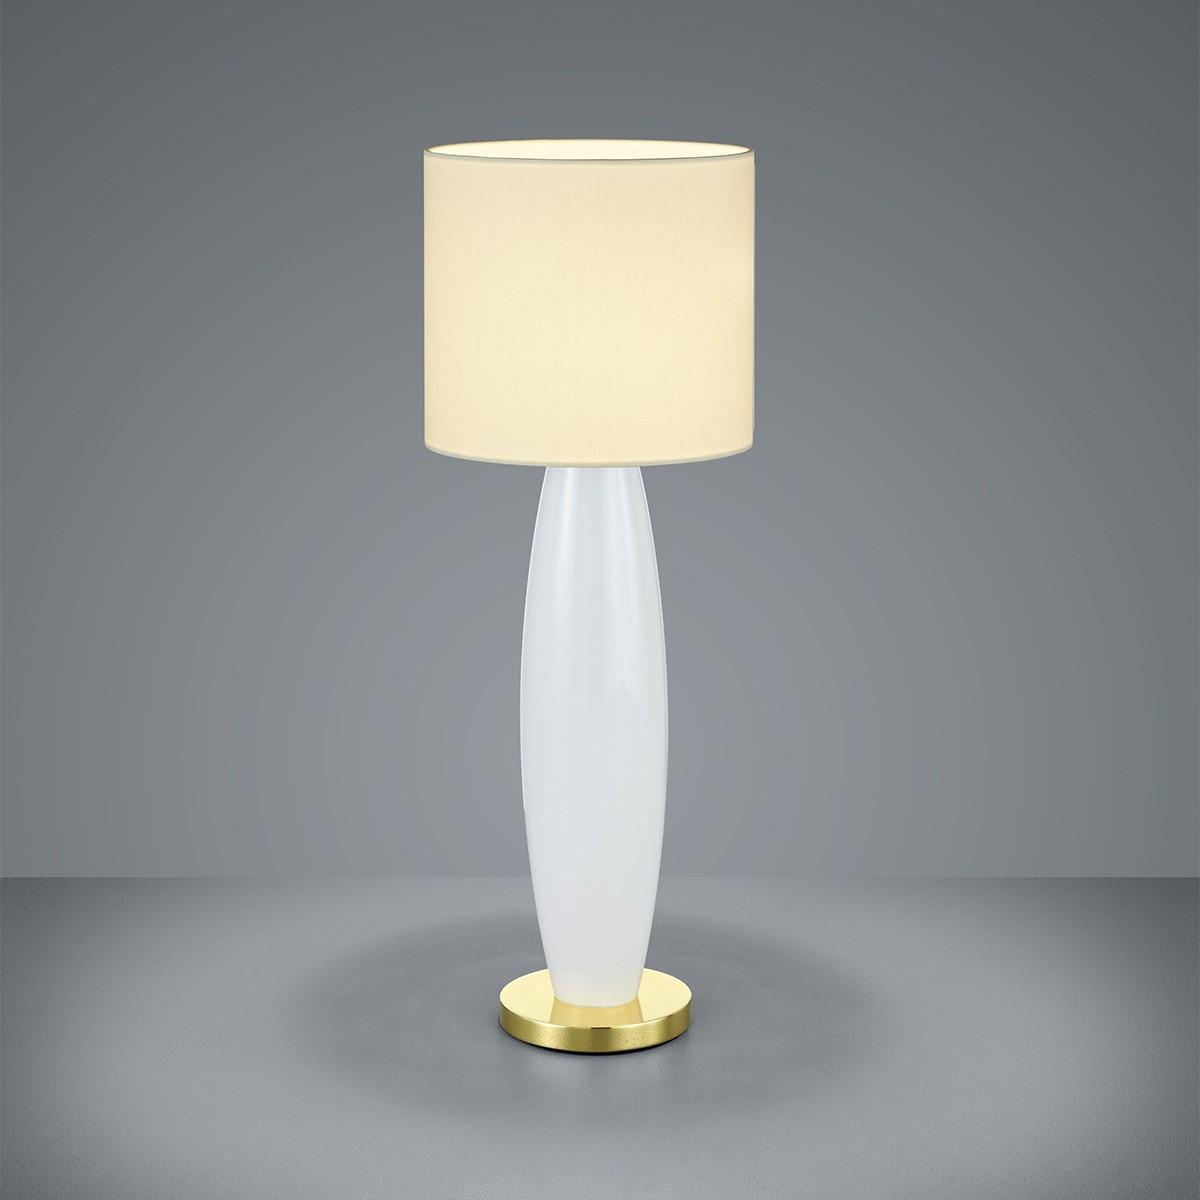 Bankamp Venice Tischleuchte, Höhe: 65 cm, Glas opalweiß / Messing blank